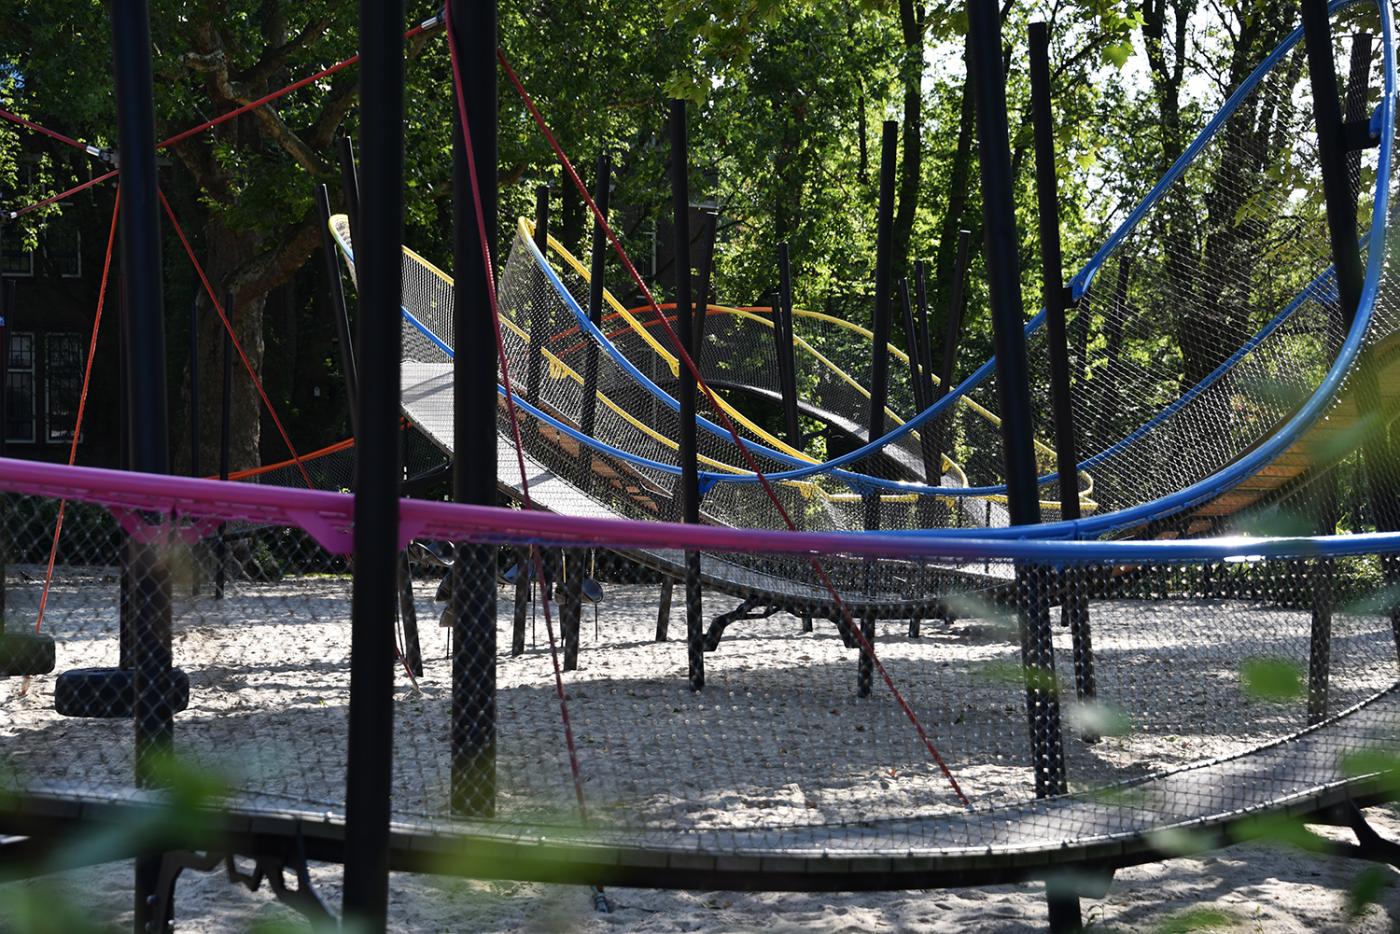 oosterpark-amsterdam-burosantenco-park-renovatie-landschapsarchitectuur-klimaatadaptief-biodiversiteit-stadspark-speelslinger